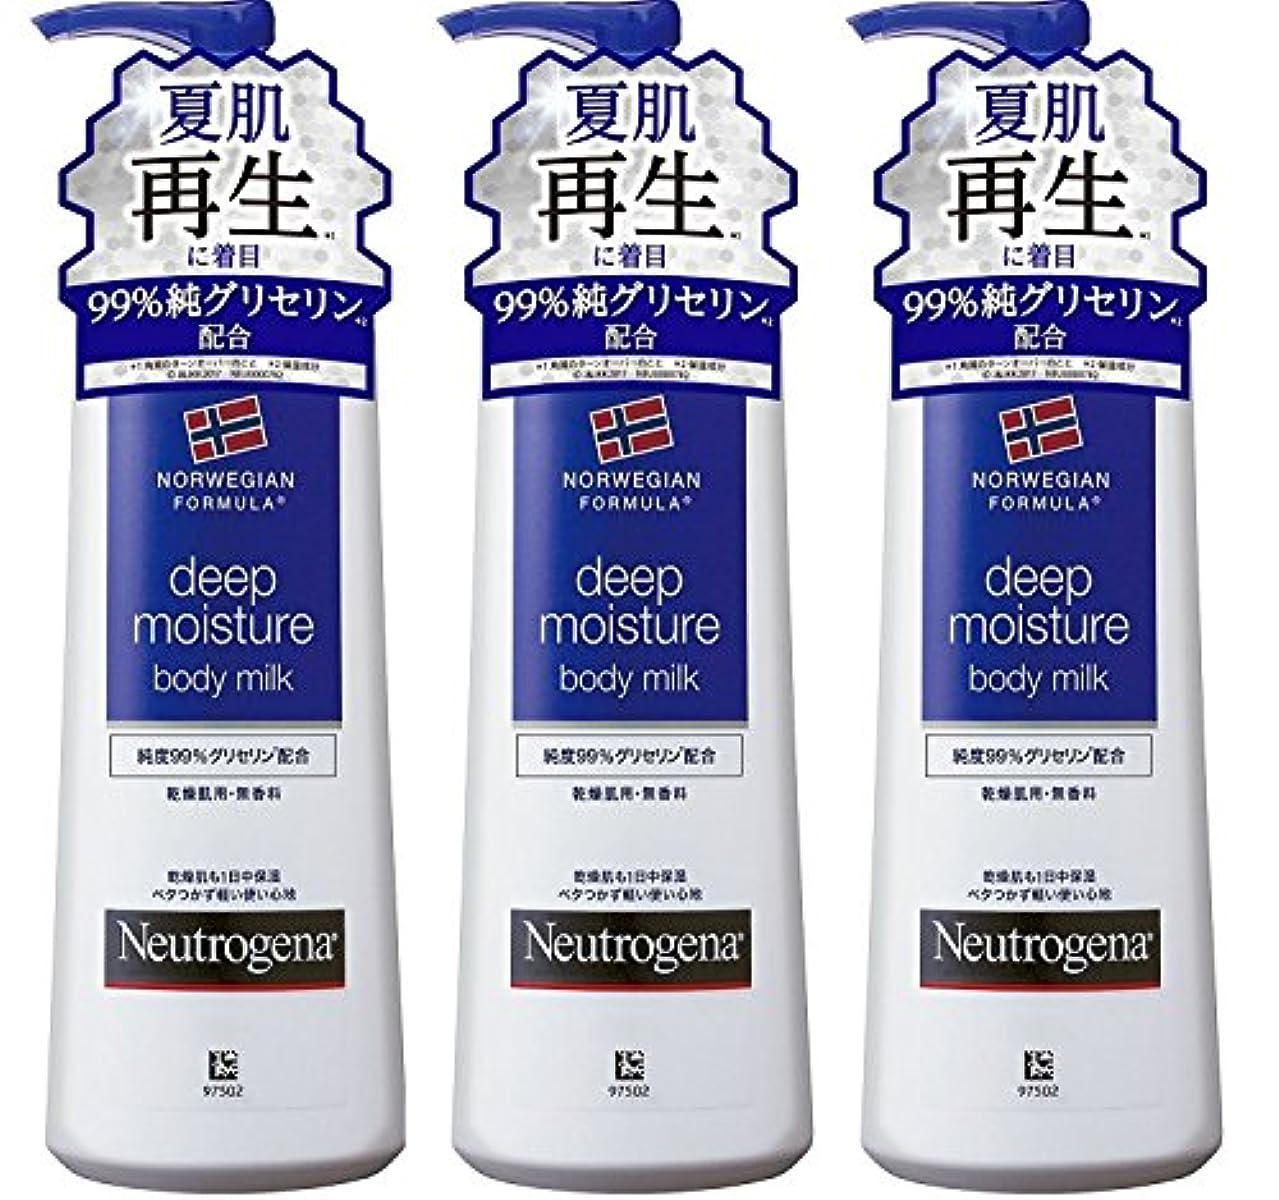 ダイアクリティカル腐った不規則性Neutrogena(ニュートロジーナ) ノルウェーフォーミュラ ディープモイスチャー ボディミルク250mL×3セット